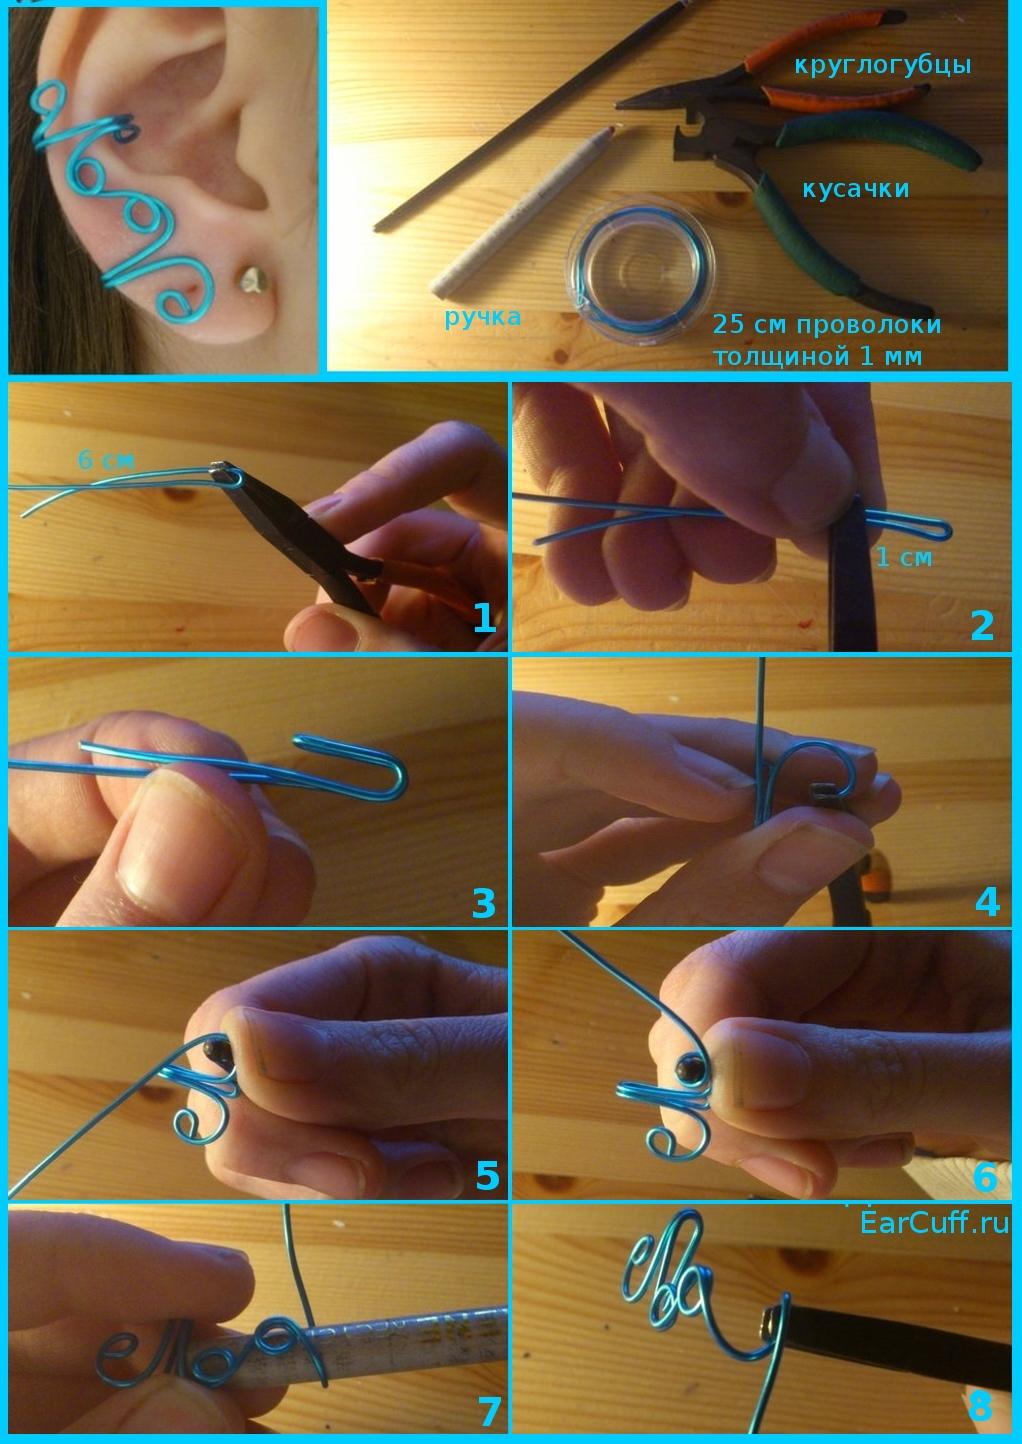 Ручка своими руками из проволоки